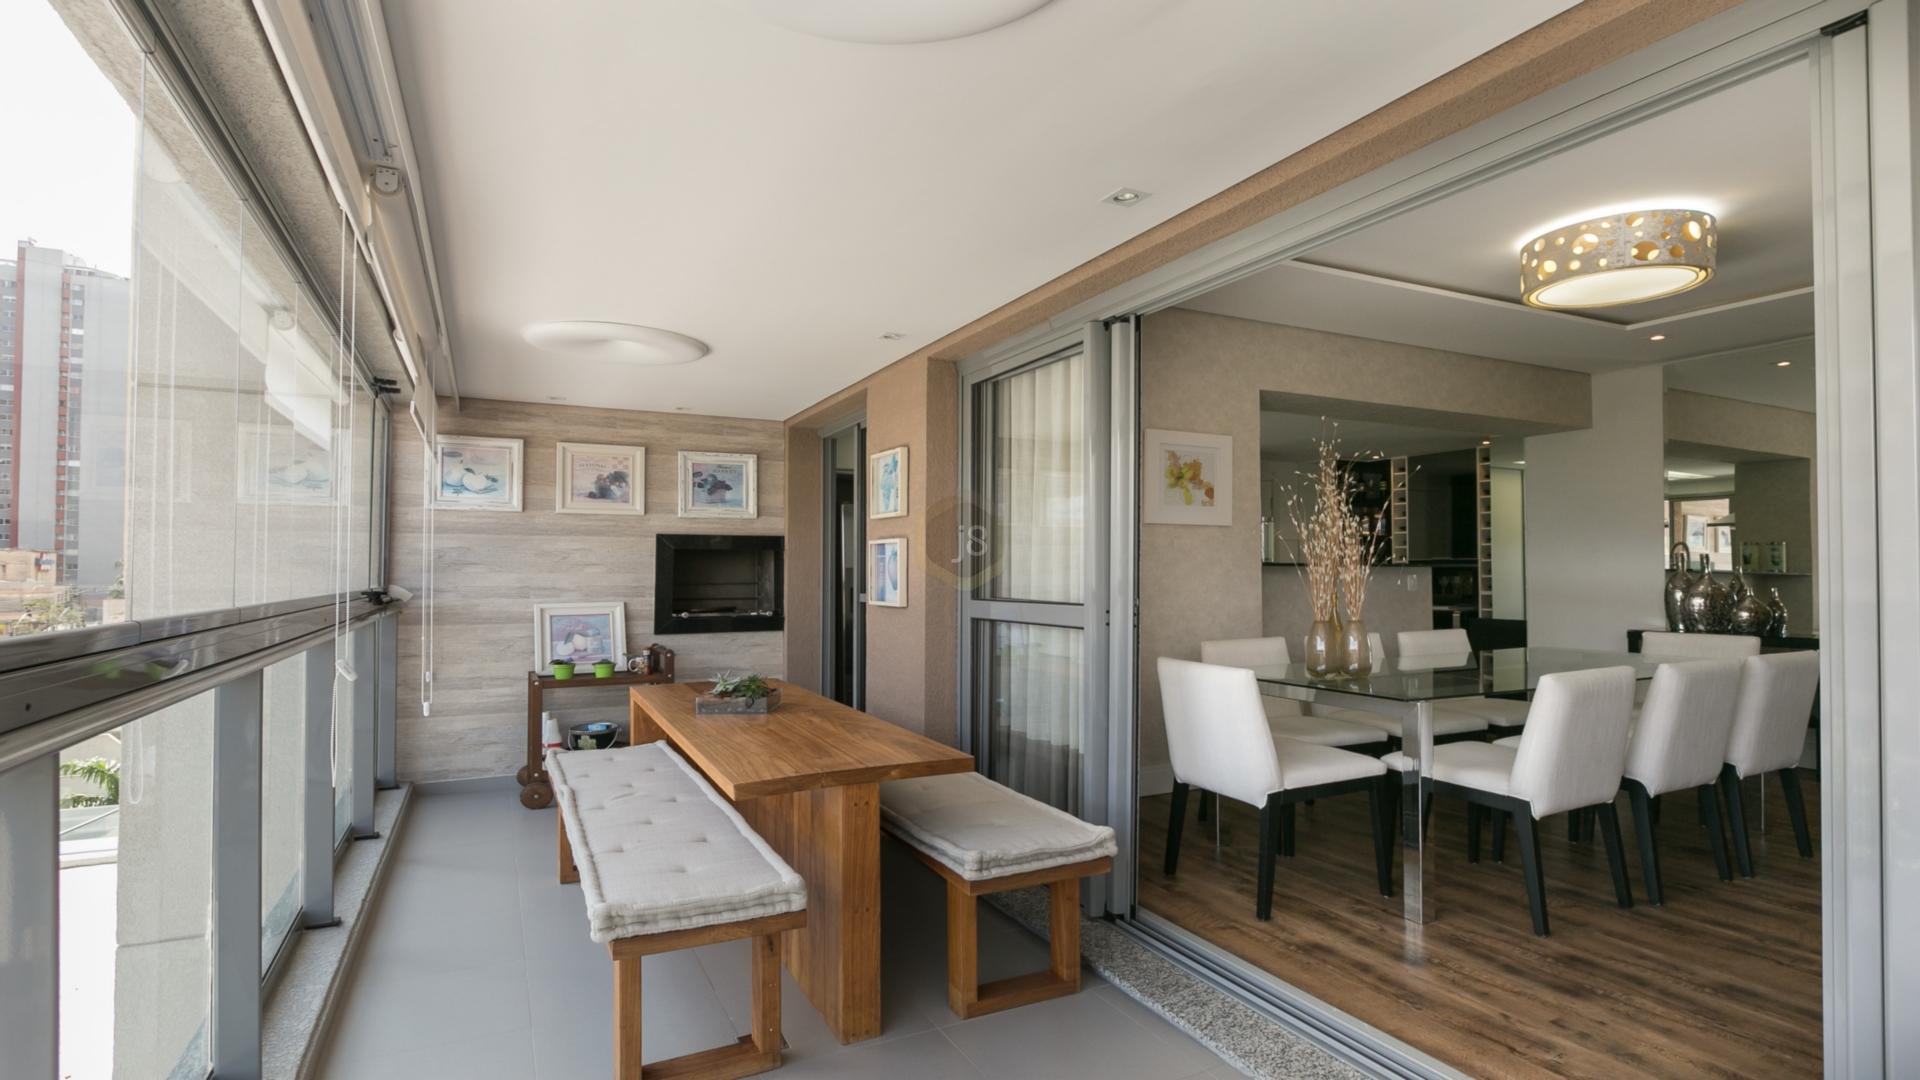 Foto de destaque Lindo apartamento em condomínio club no batel, impecável!